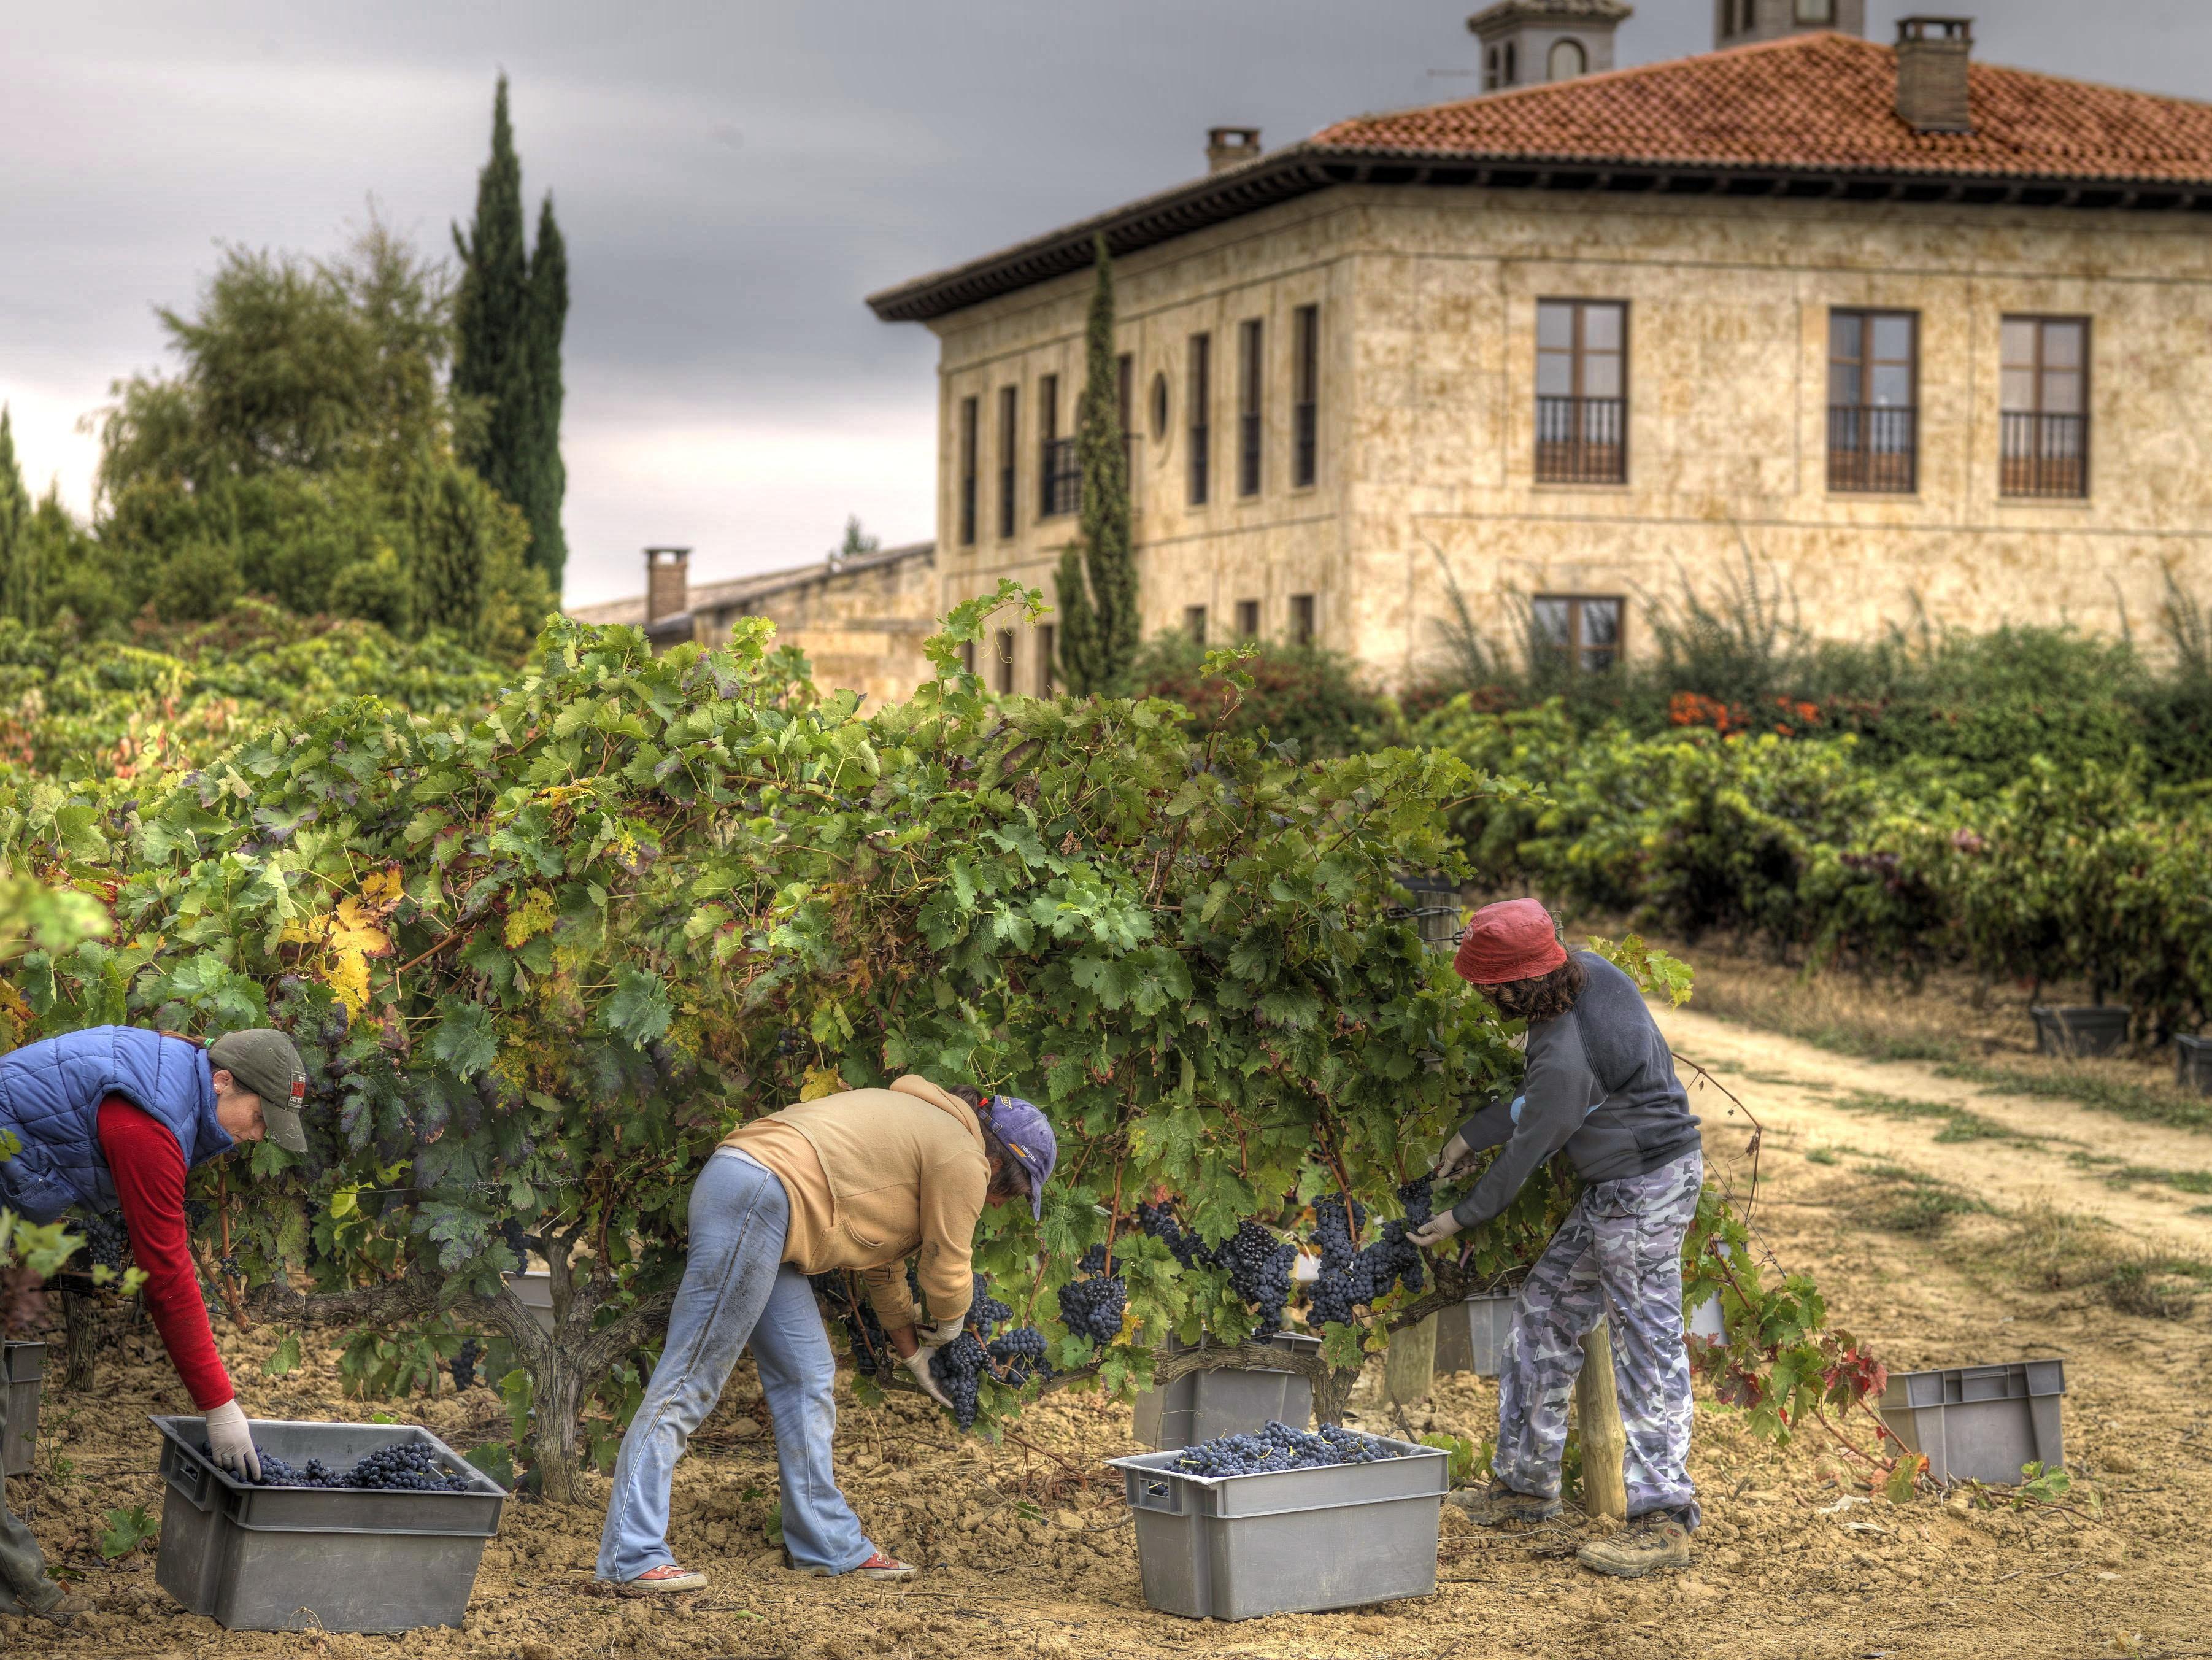 Perfekt skötta vinodlingar vittnar om höga kvalitetskrav.